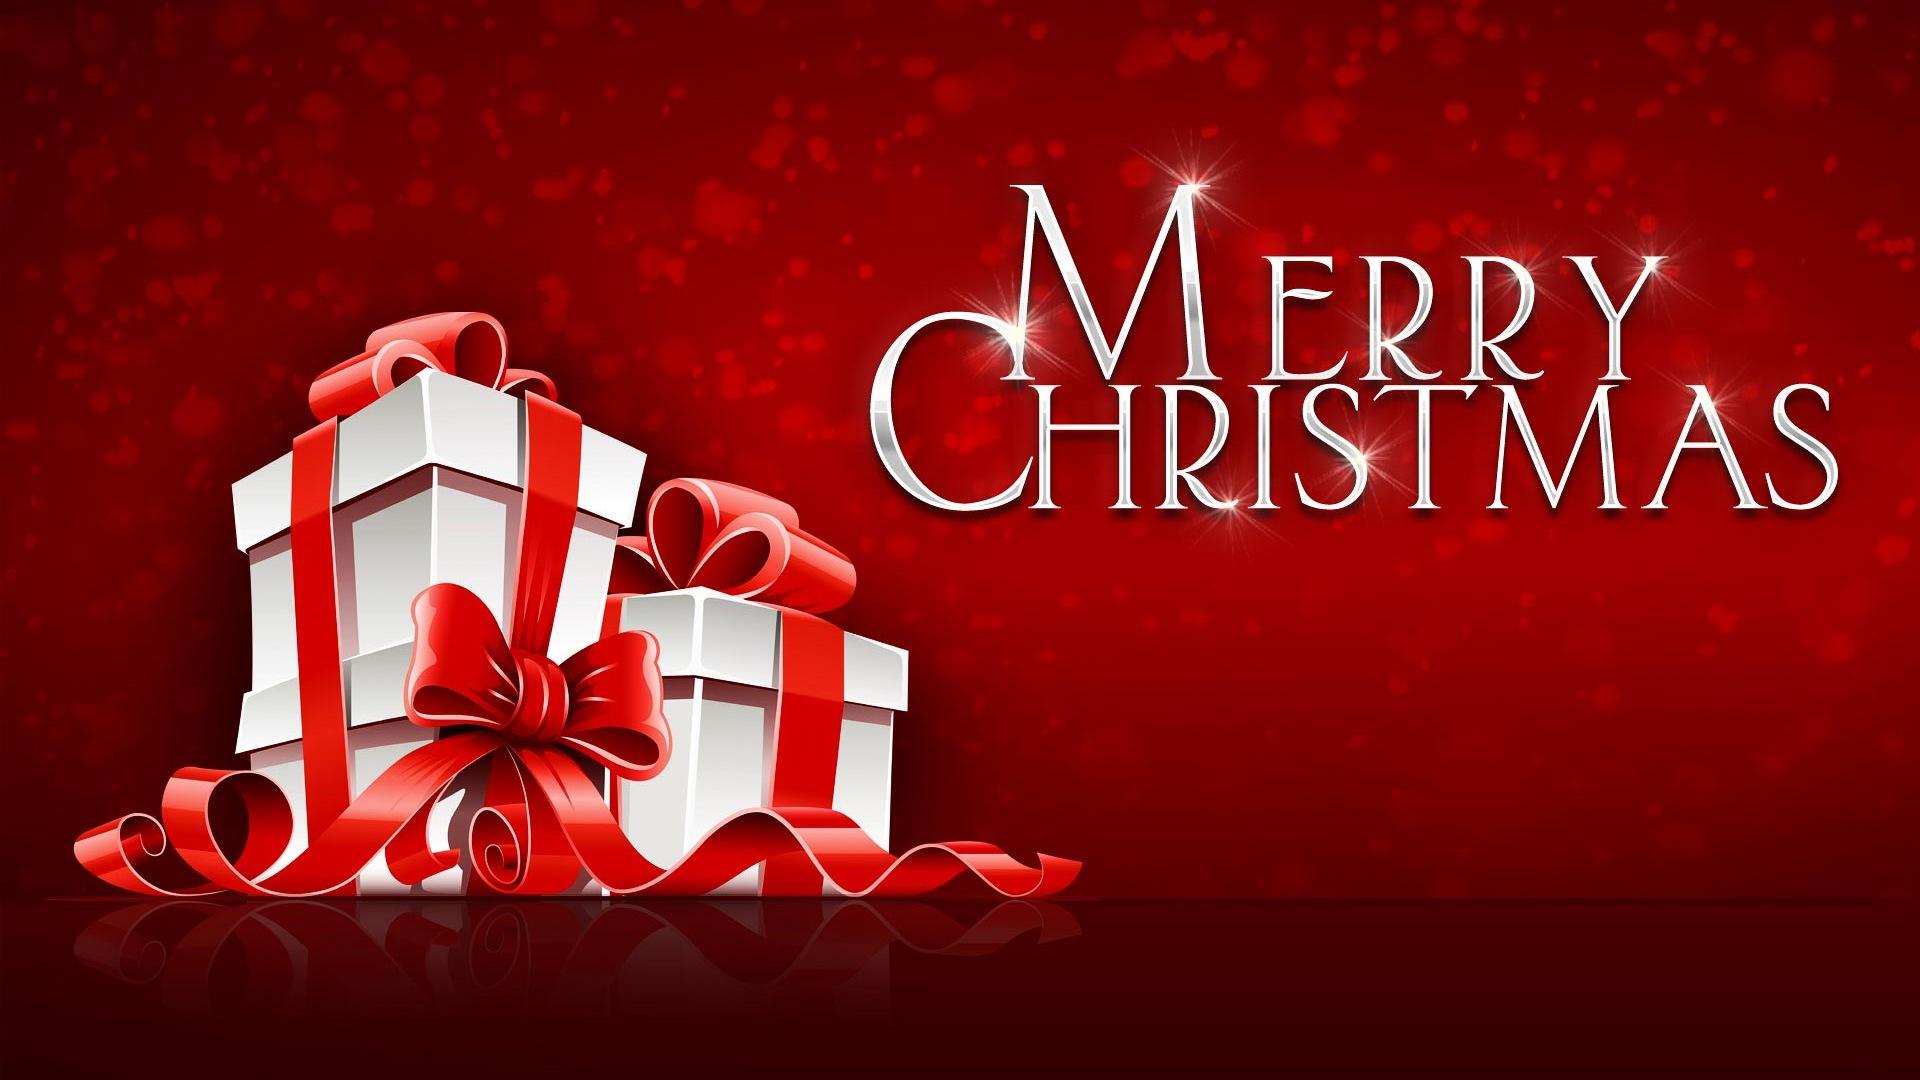 Hintergrundbild Frohe Weihnachten.Frohe Weihnachten Hd Wallpaper Feature 13 1920x1080